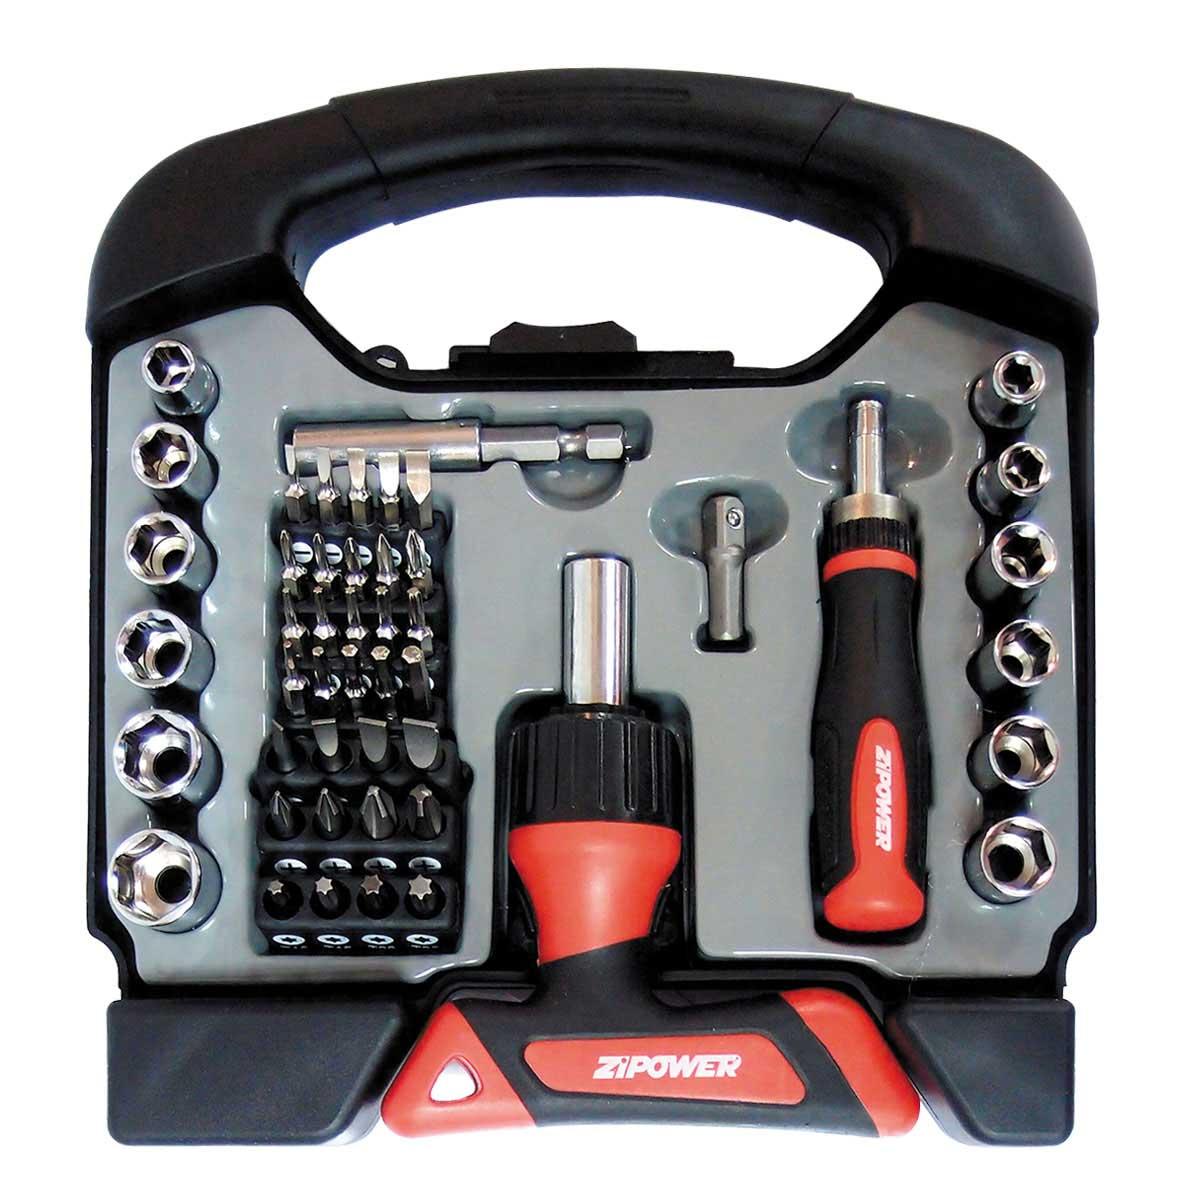 Набор инструментов Zipower 48предметов cr-v сталь